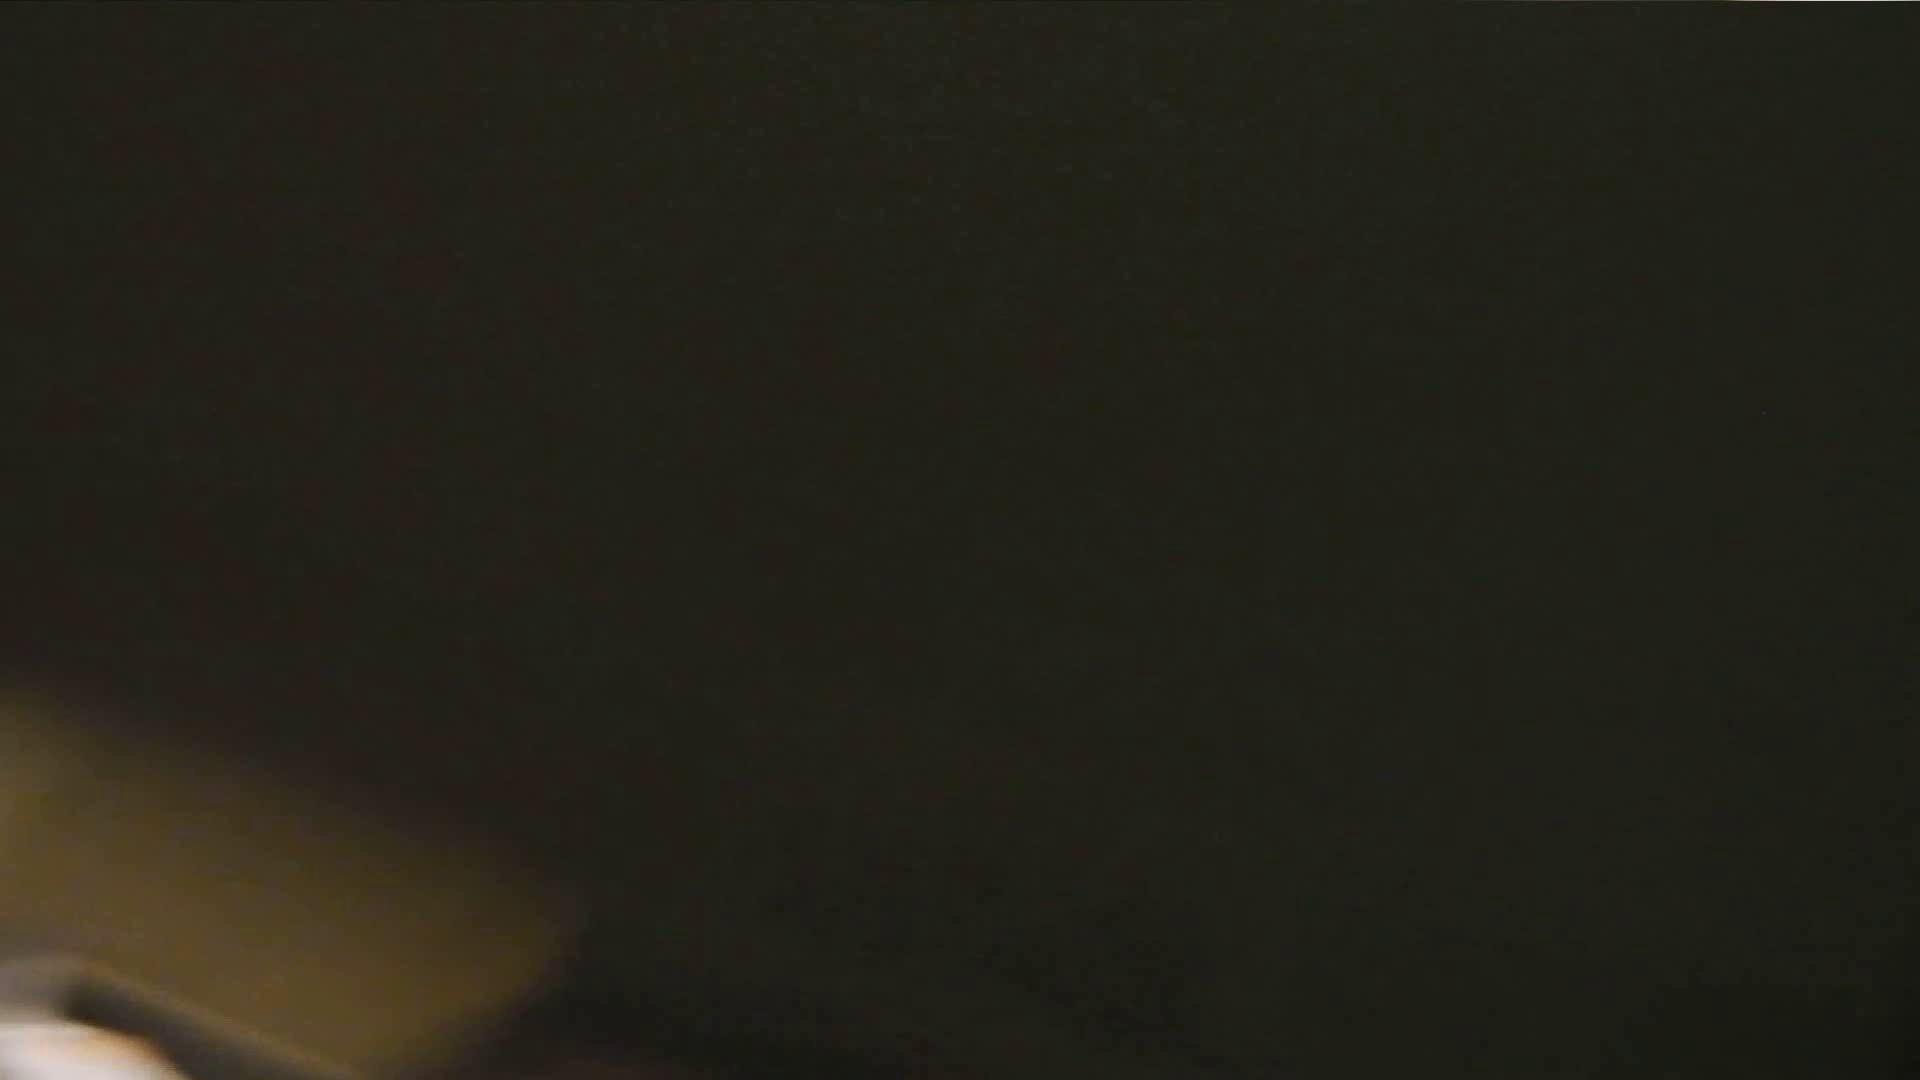 阿国ちゃんの「和式洋式七変化」No.17 洗面所 えろ無修正画像 87画像 78